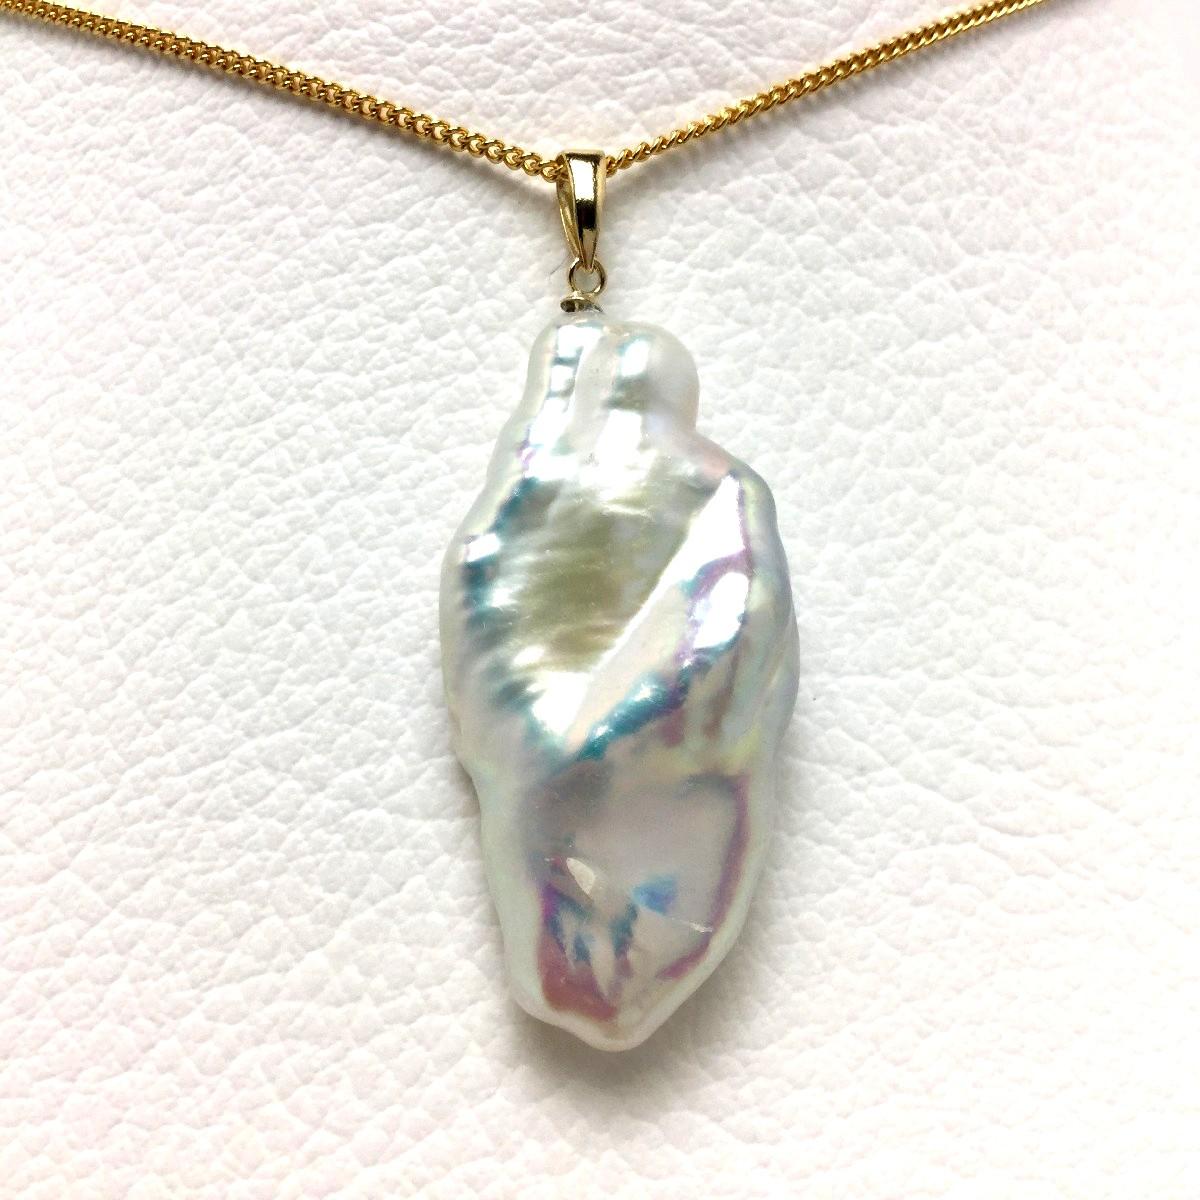 真珠 ペンダントトップ パール 淡水真珠 17.8×35mm ホワイトピンク K18 イエローゴールド 66027 イソワパール